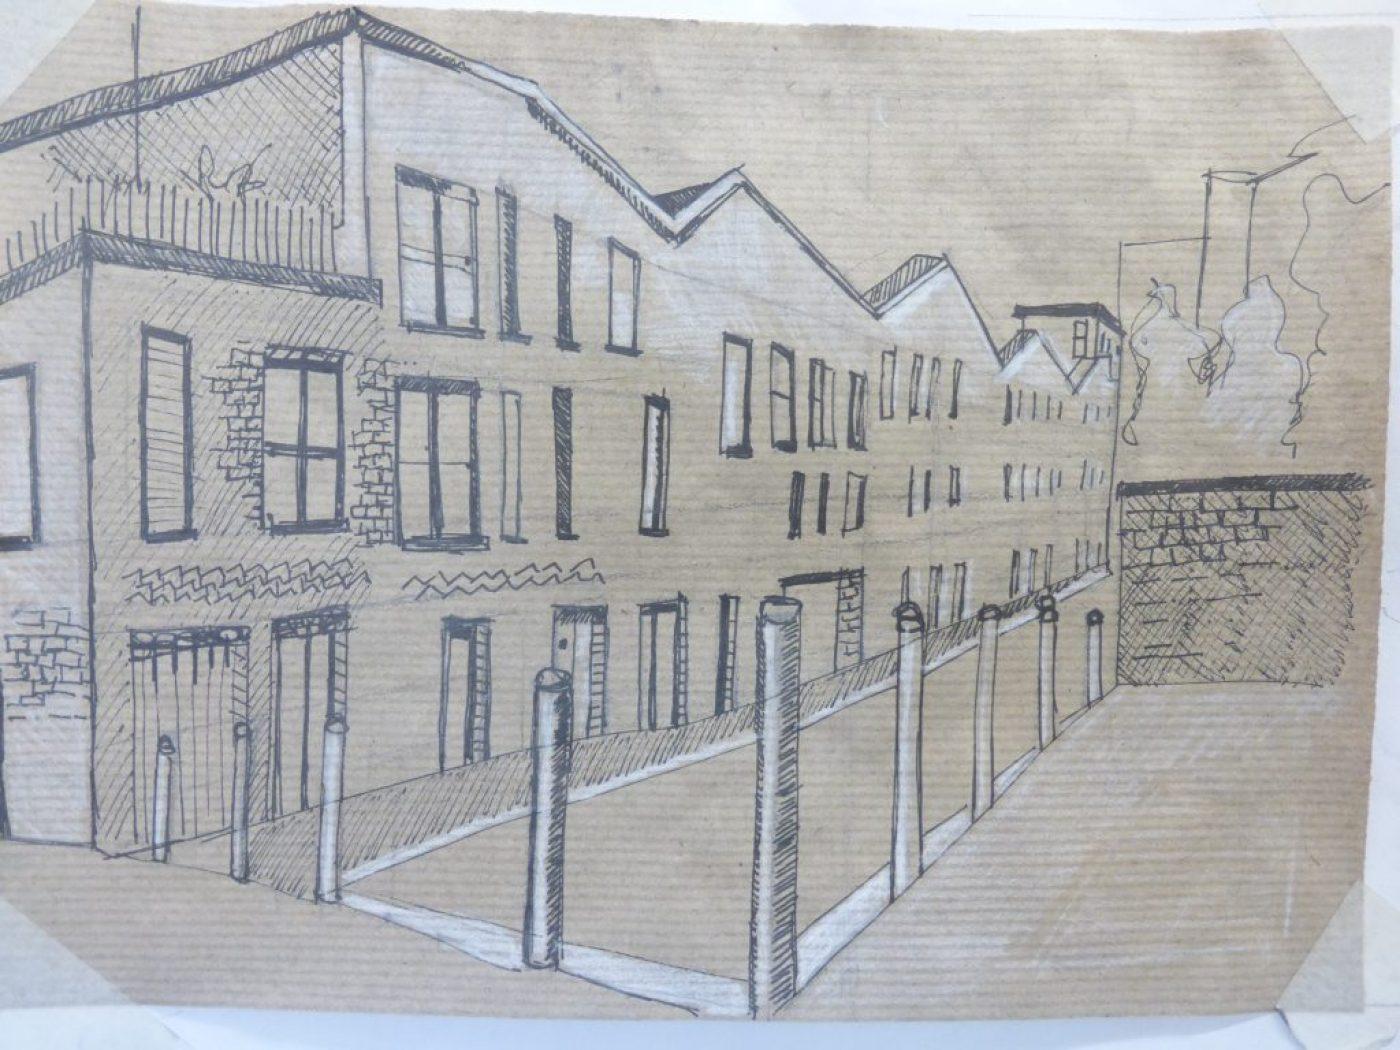 Cityscapes urban sketching - May 2021